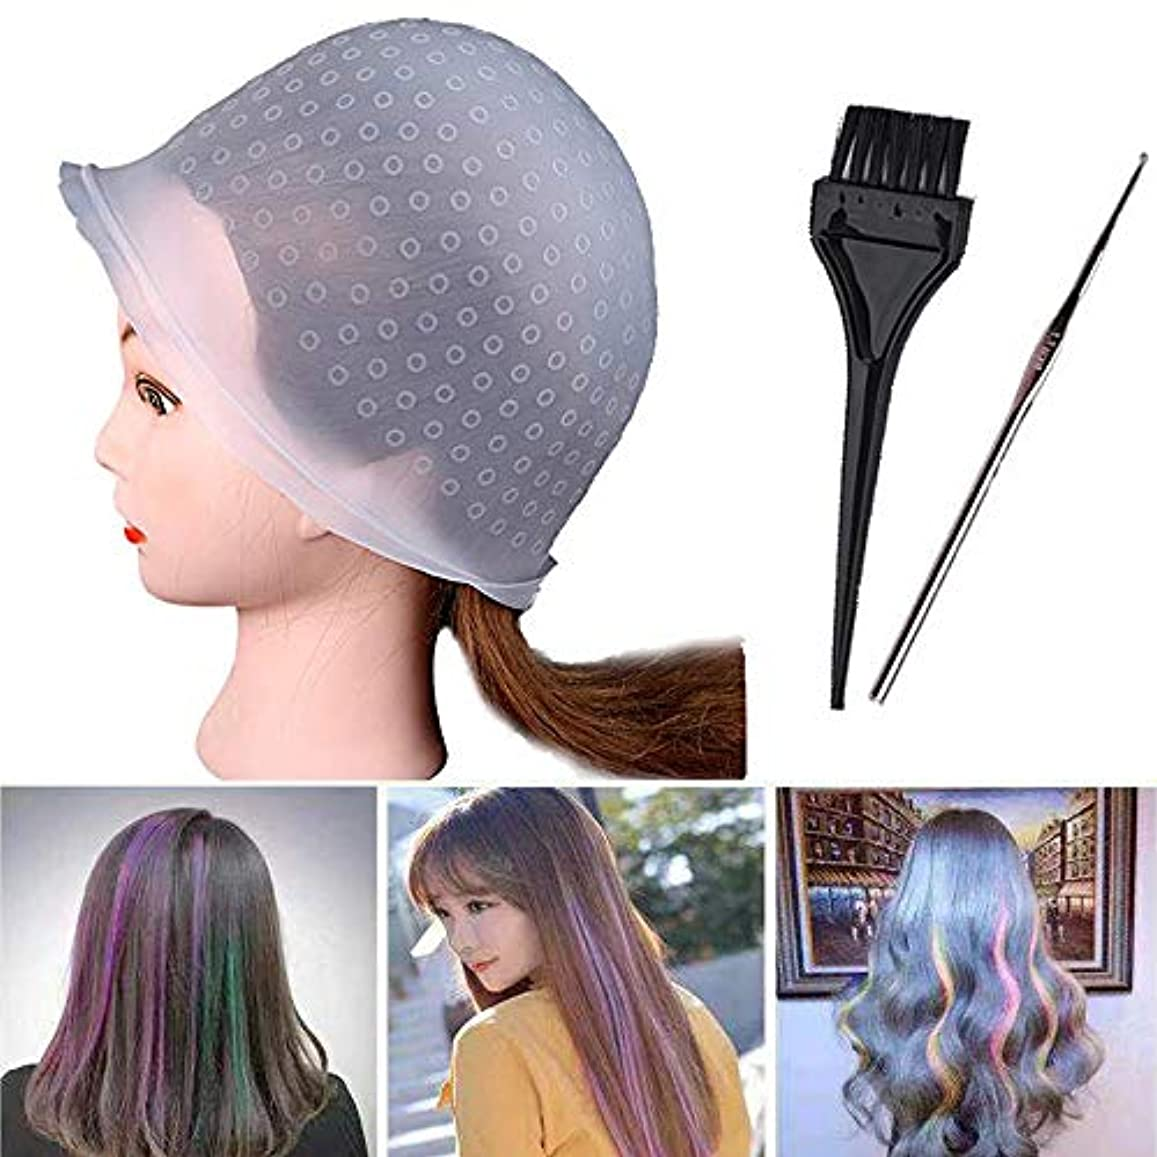 評判性別ハーネスSHKI 毛染めキャップ 髪染め用ヘアキャップ シリコン製 ヘアカラーヘアキャップ 自宅でヘアカラーを楽しんで美容サロン仕様 棒とブラシ付き